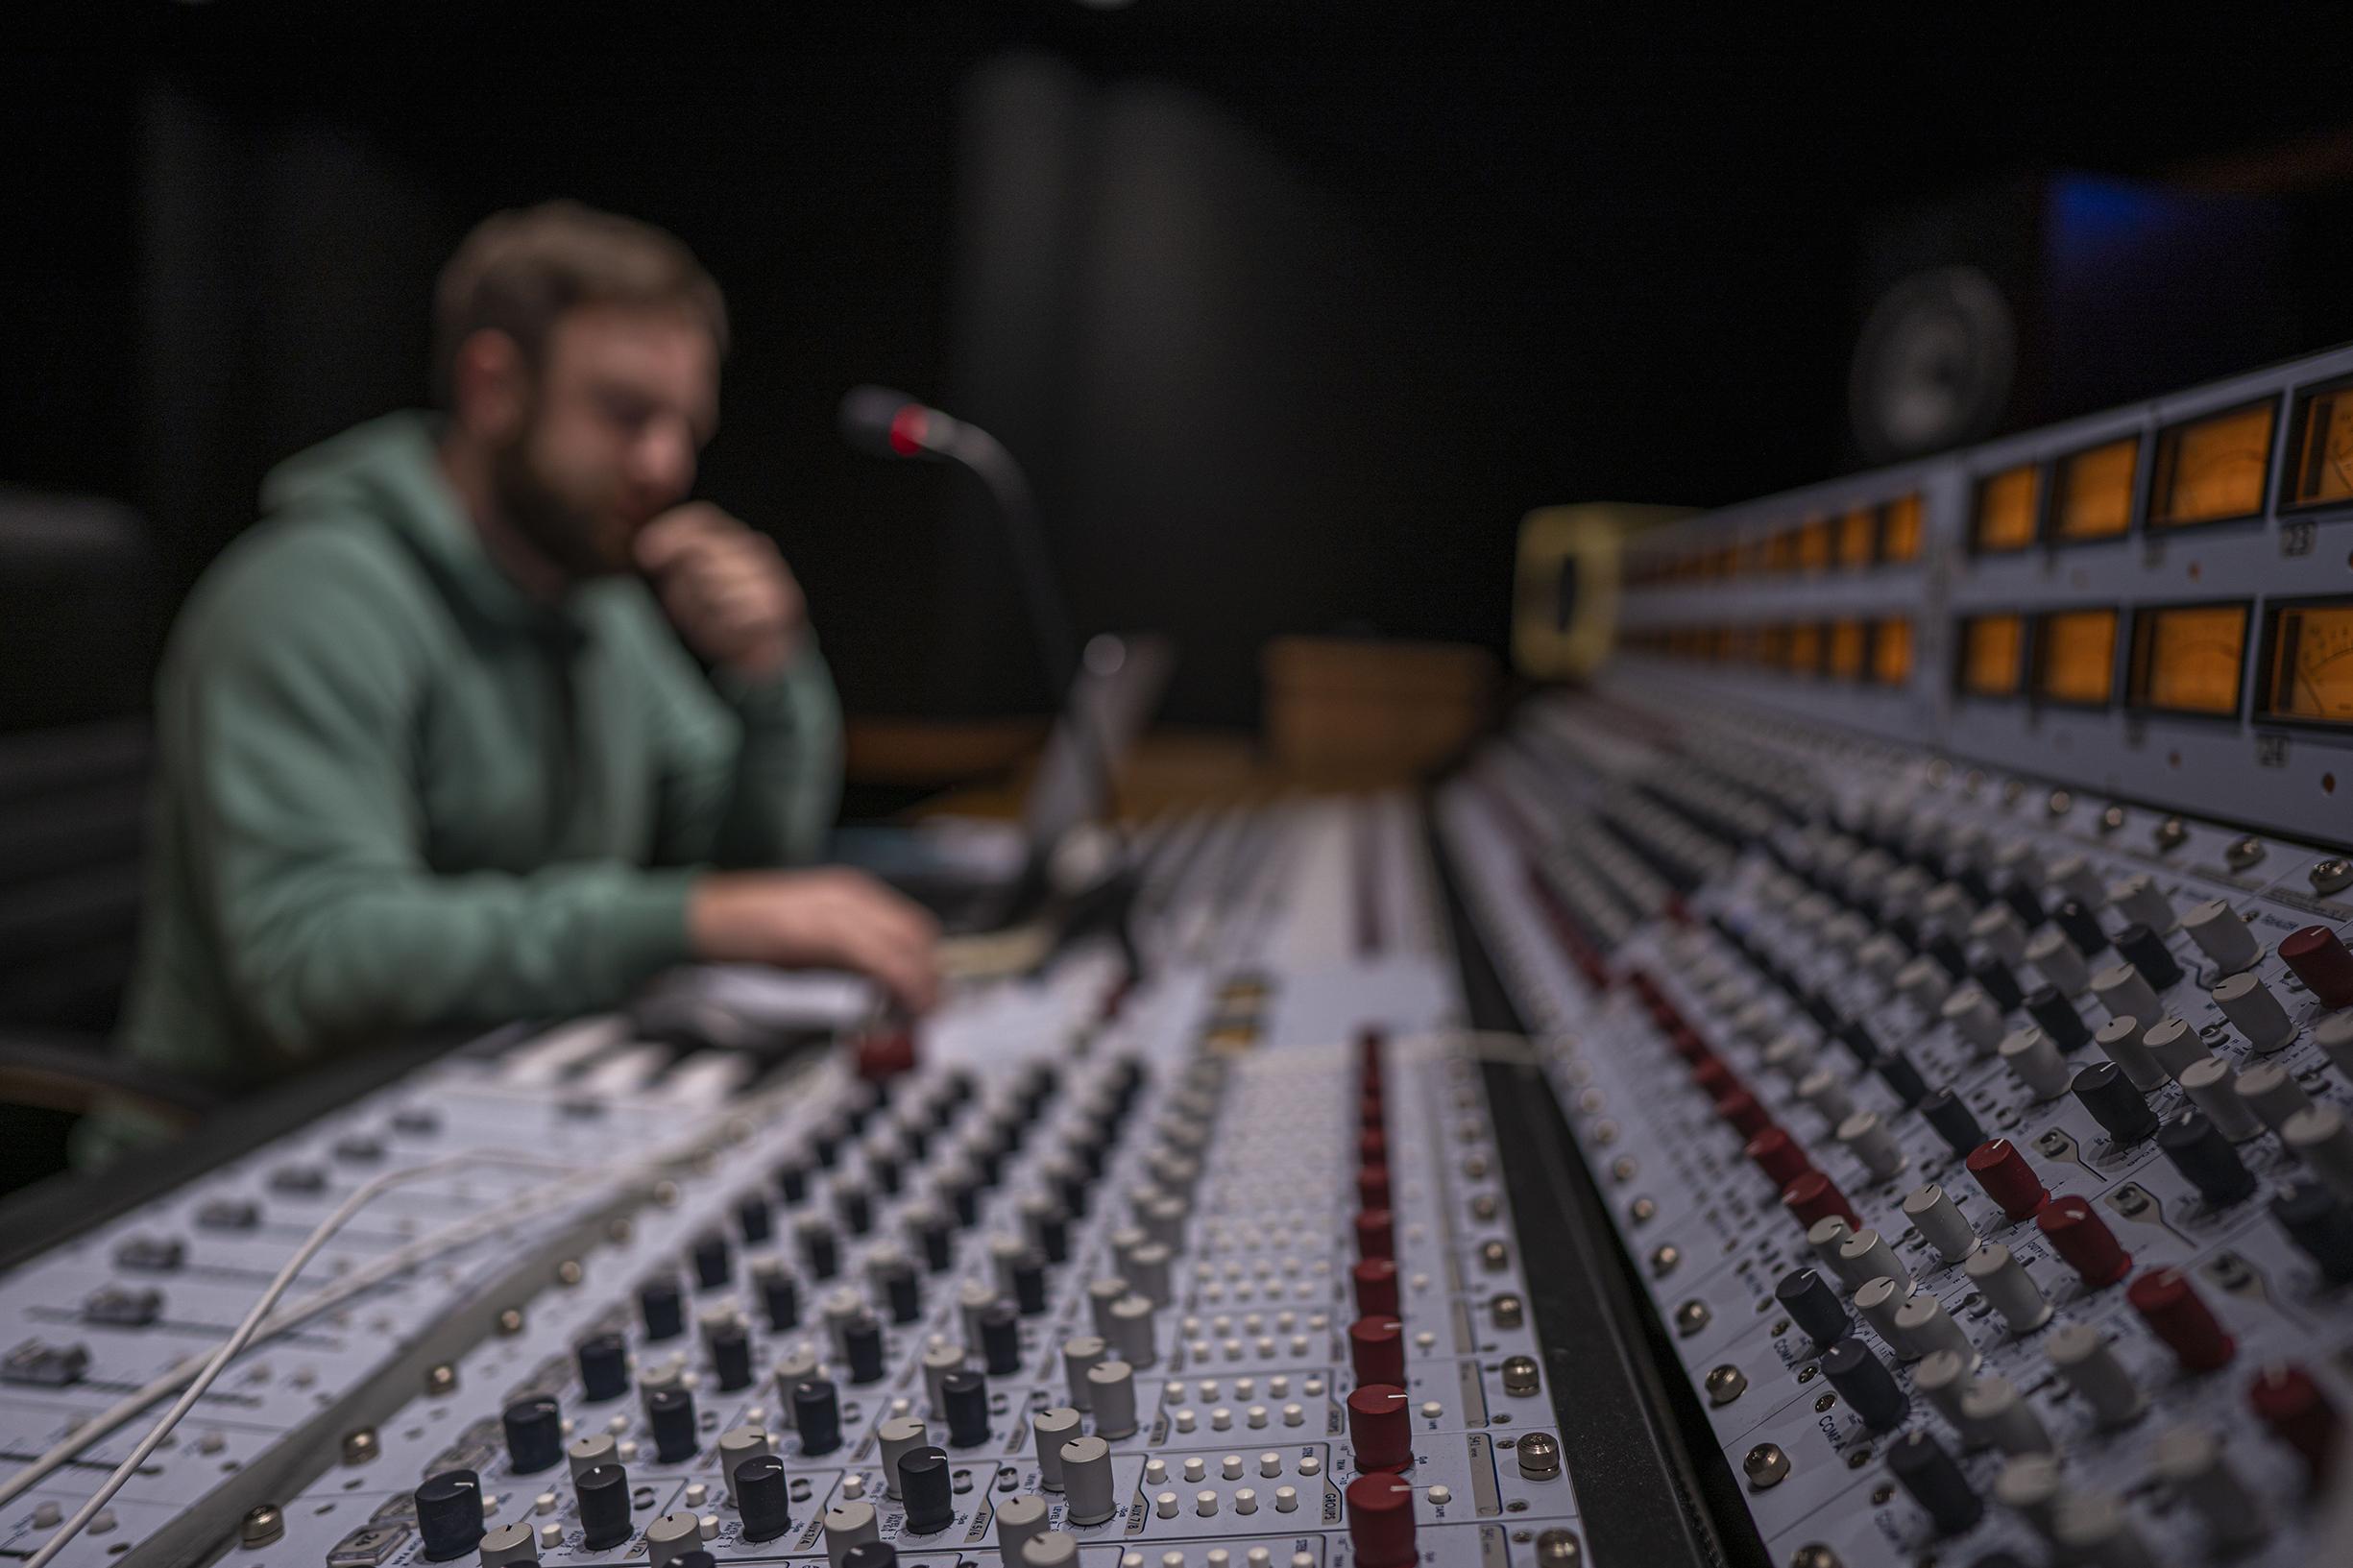 Звук игры: как создается музыка и саунд дизайн игр